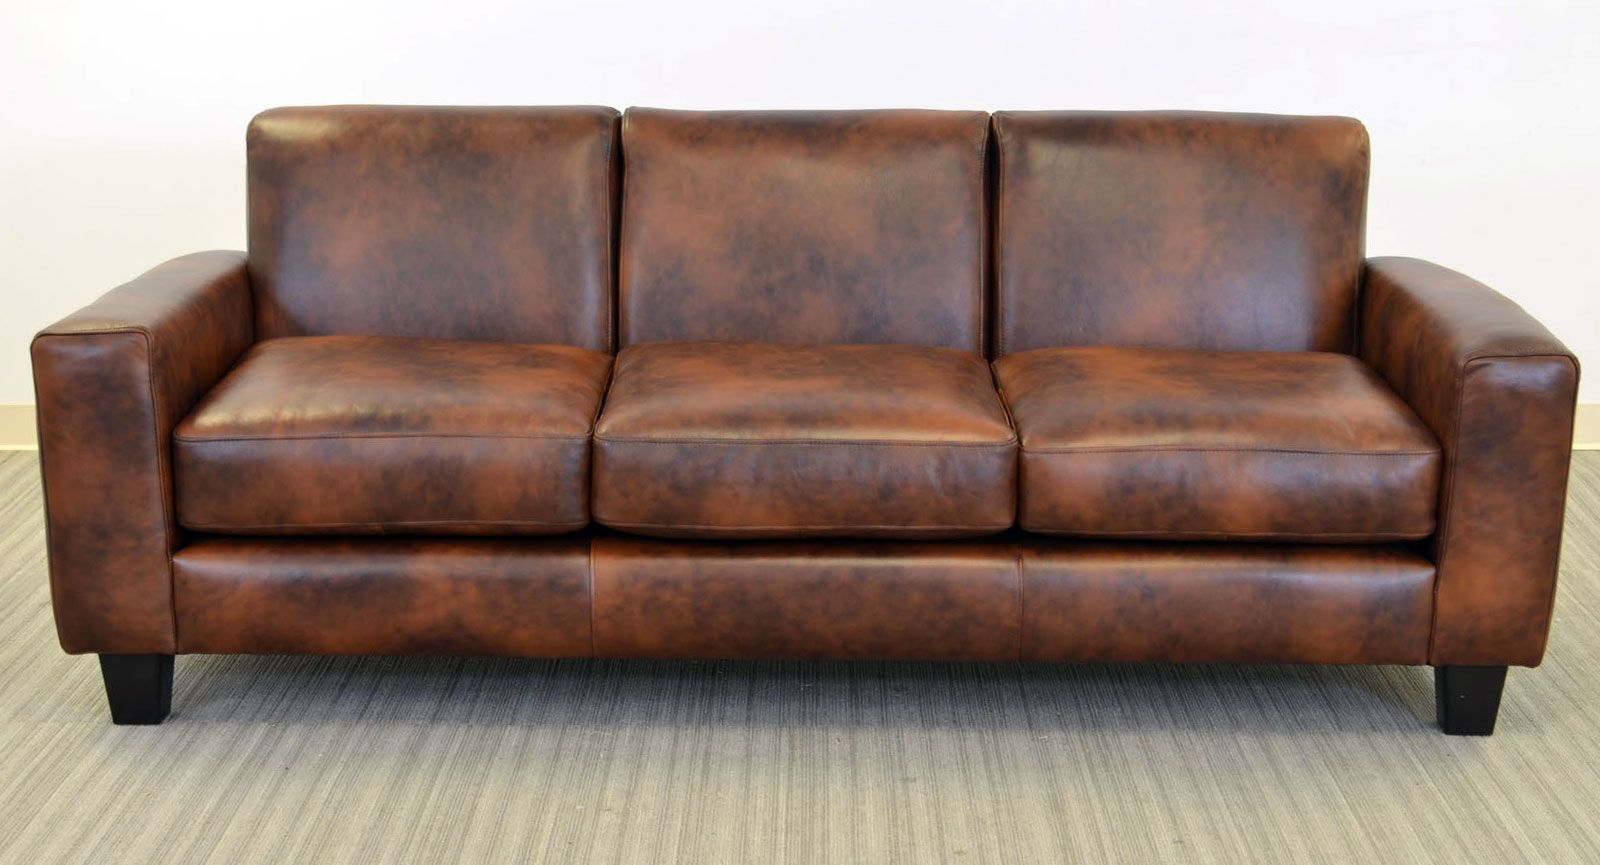 Elegante Sofa ‹‹ The Leather Sofa Company A compact style ...